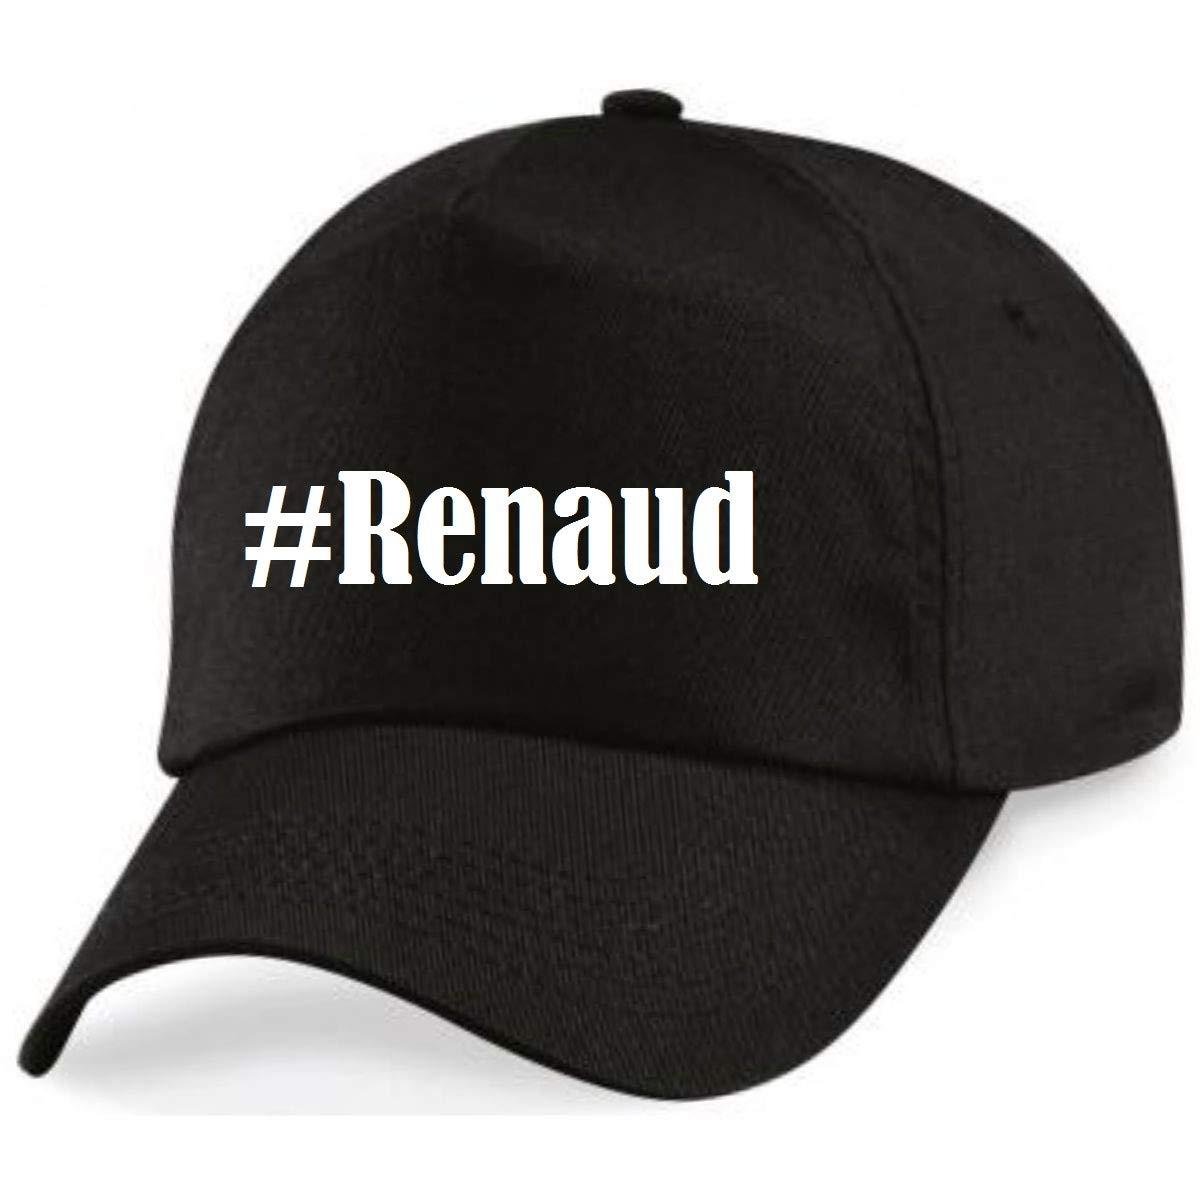 Casquettes de Baseball #Renaud Hashtag Diamant Social Network Basecap pour Les Hommes Femmes Gar/çon /& Fille en Noir